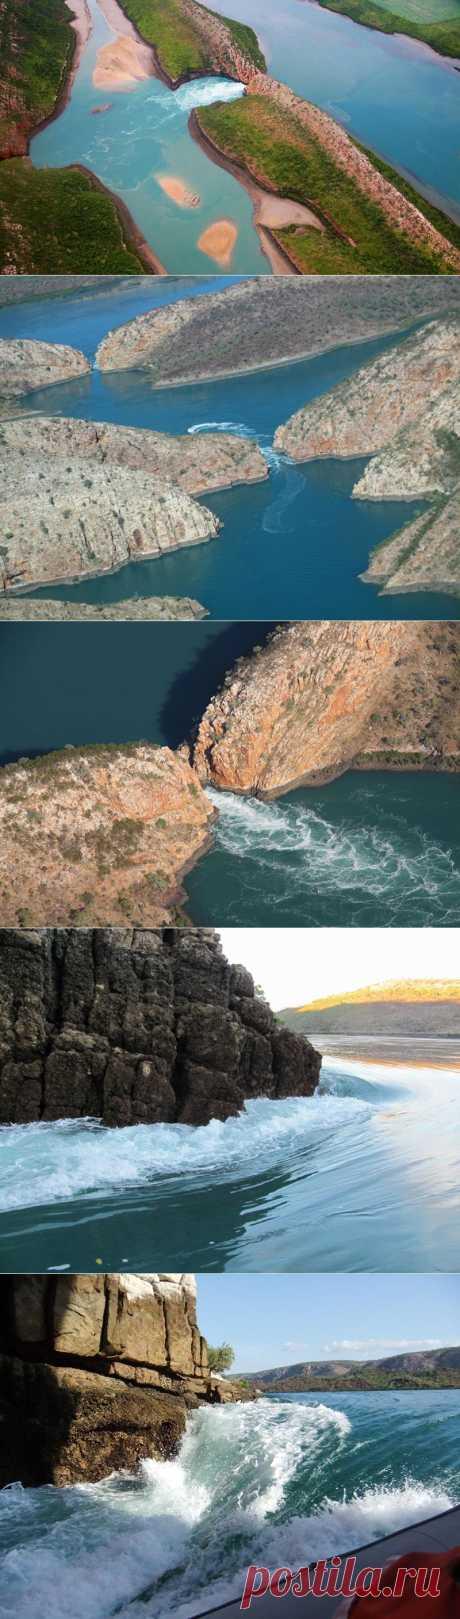 Горизонтальные водопады бухты Талбот | В мире интересного